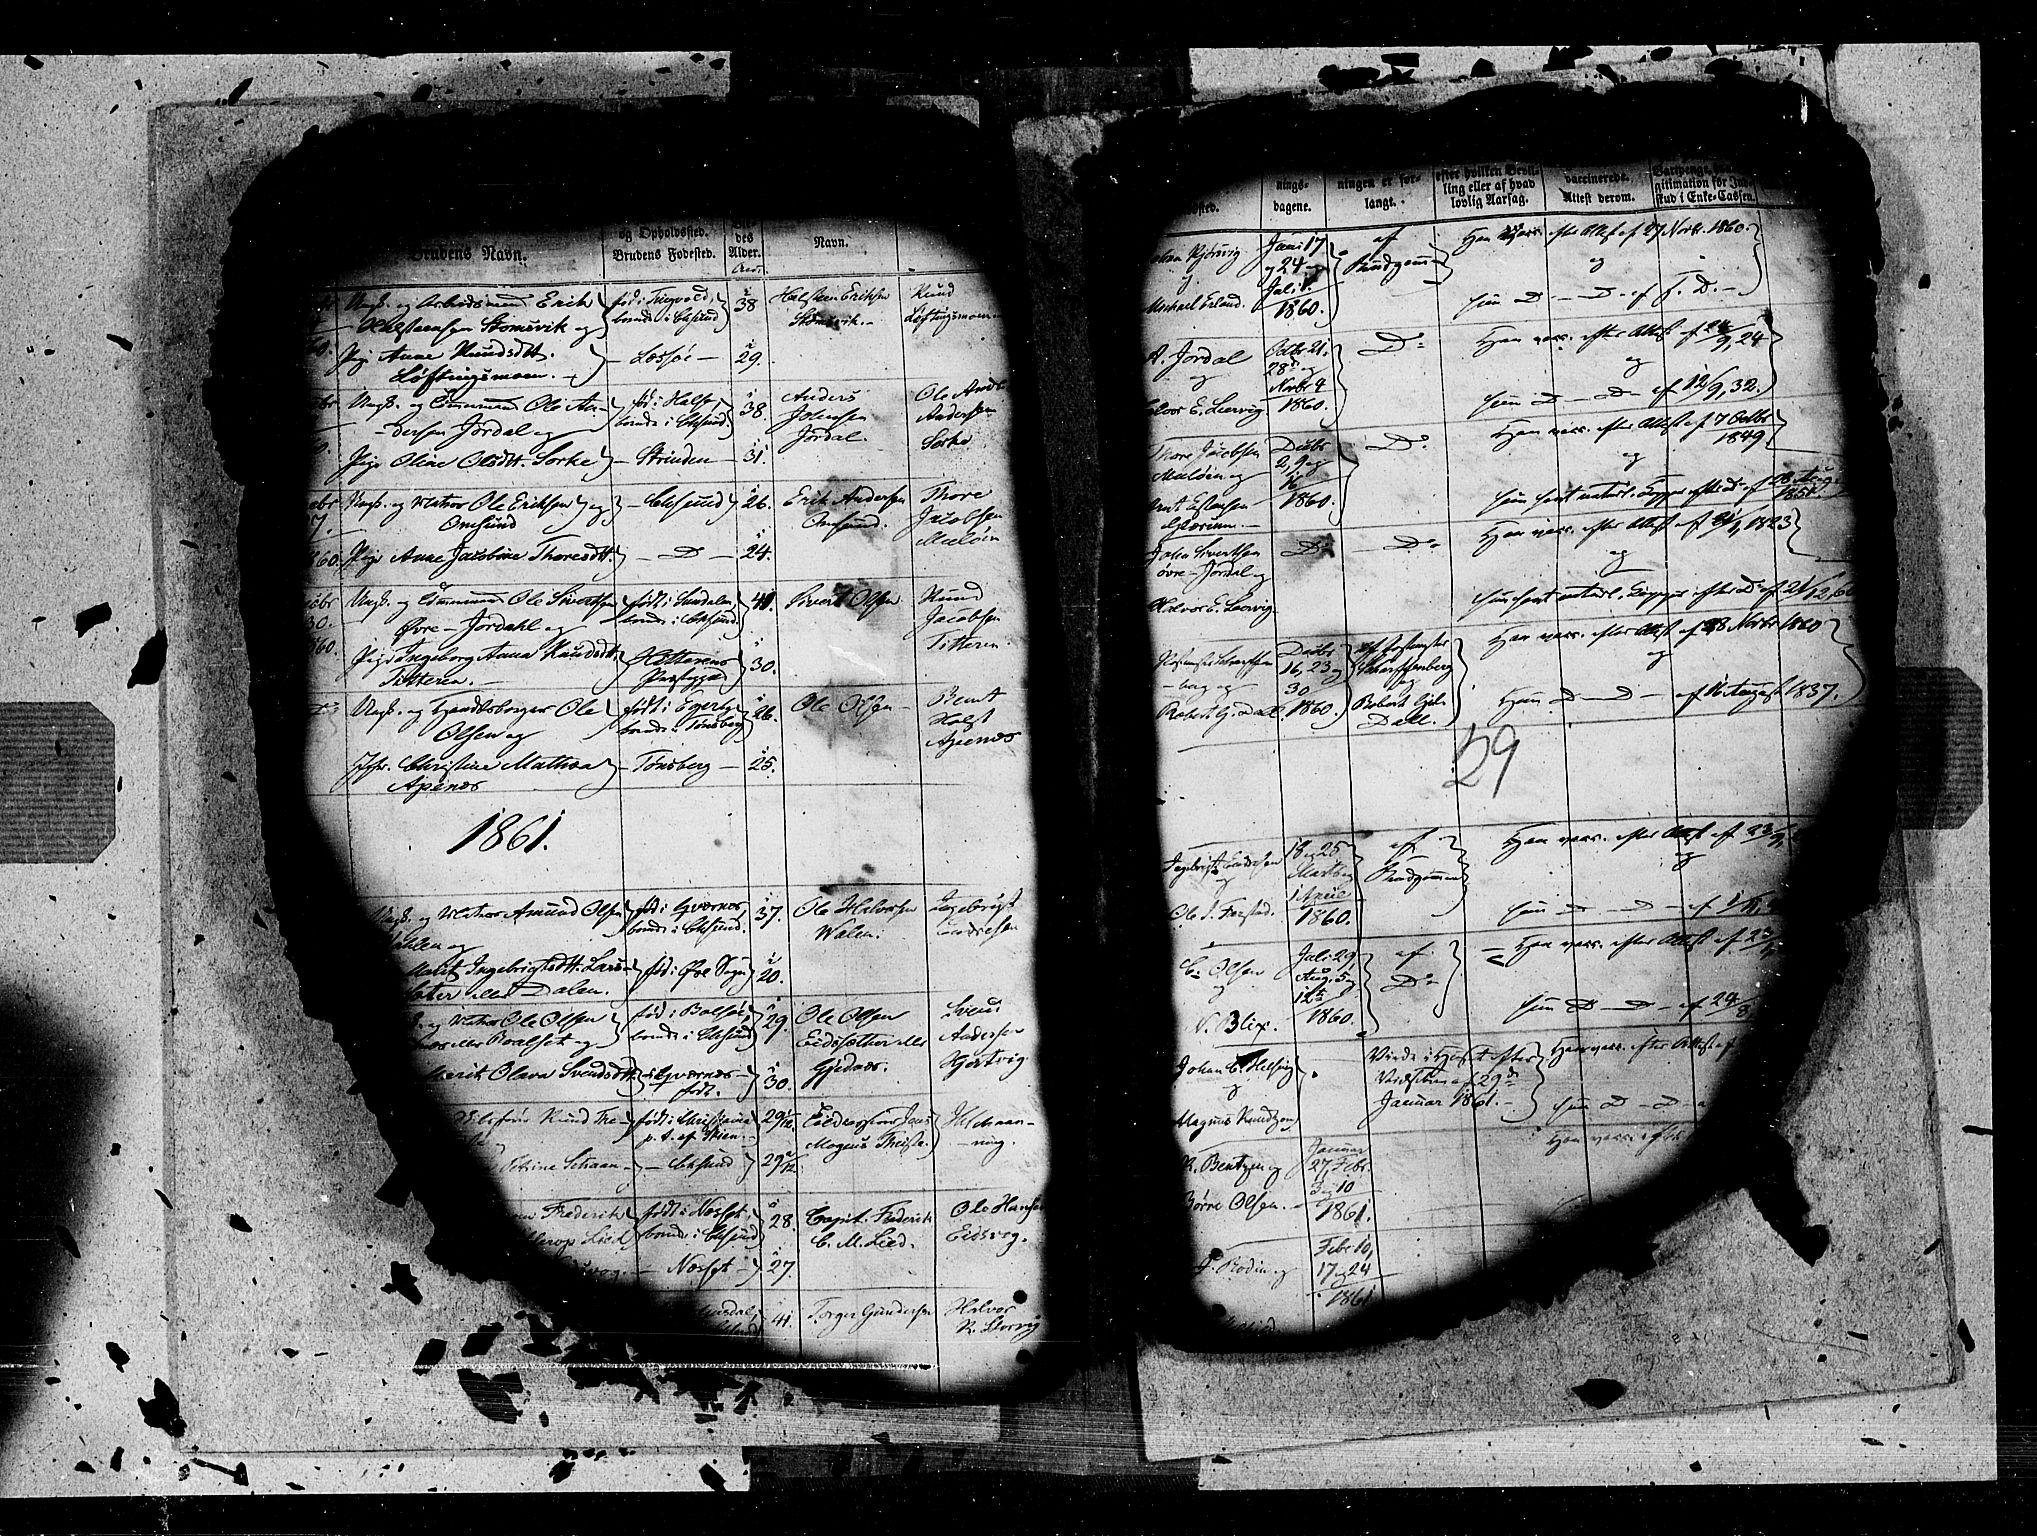 SAT, Ministerialprotokoller, klokkerbøker og fødselsregistre - Møre og Romsdal, 572/L0846: Ministerialbok nr. 572A09, 1855-1865, s. 29